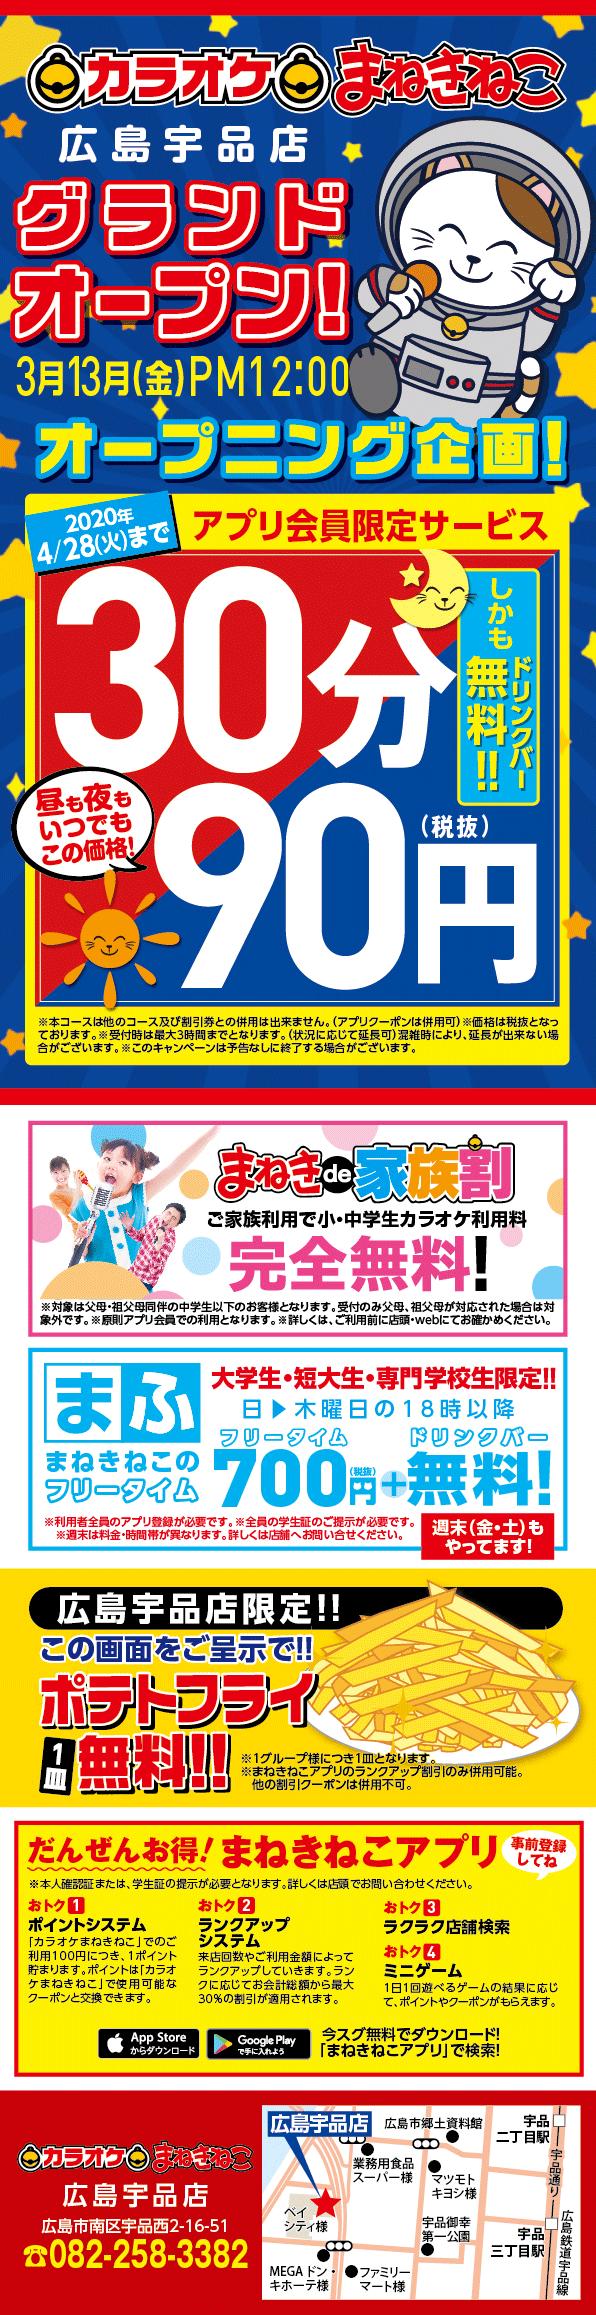 カラオケまねきねこの【広島宇品店】3.13 グランドオープン♪のキャンペーン・フェアの詳細